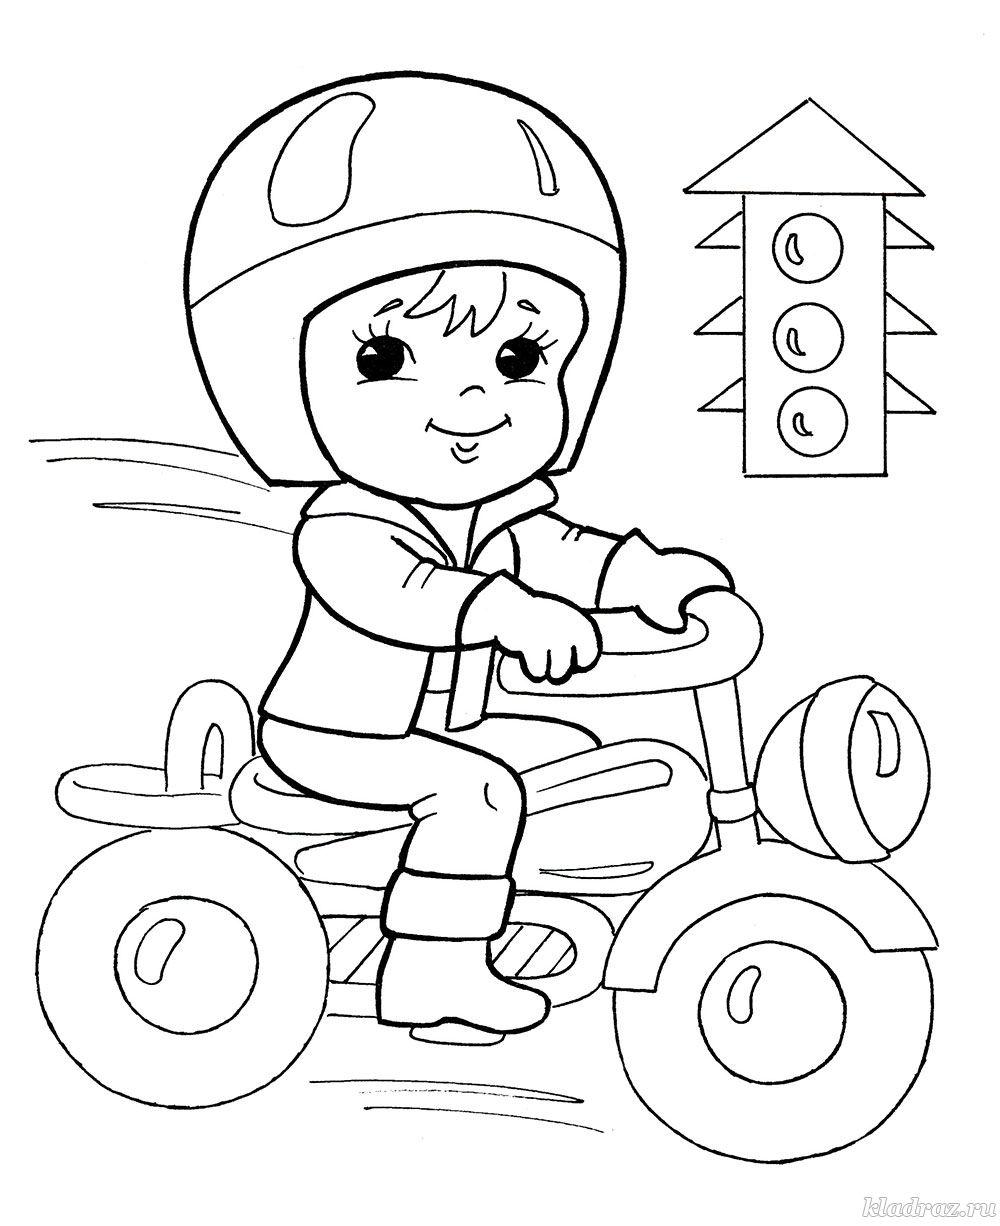 Раскраска для детей 4-7 лет. Мальчик на мобеде